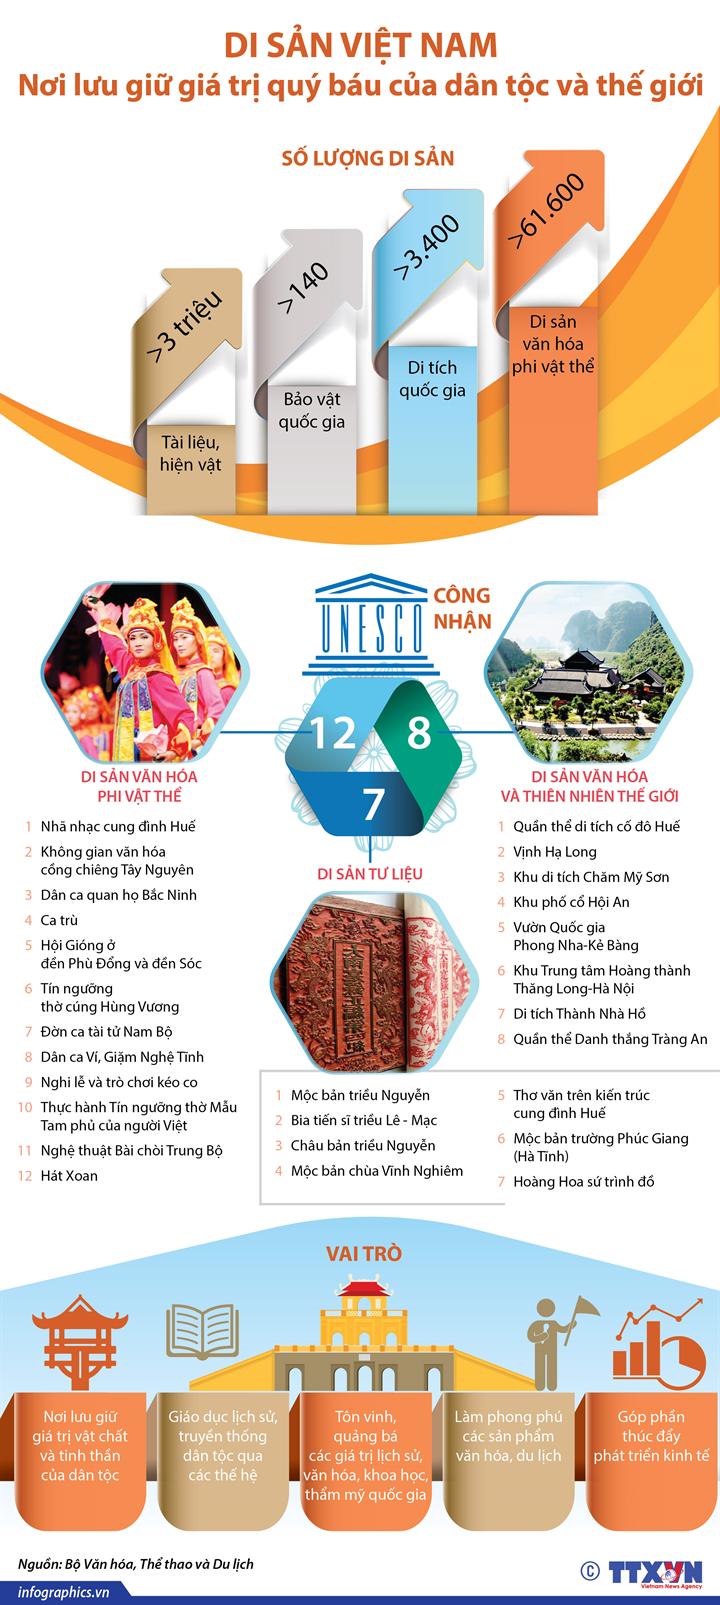 Di sản Việt Nam: Nơi lưu giữ giá trị quý báu của dân tộc và thế giới